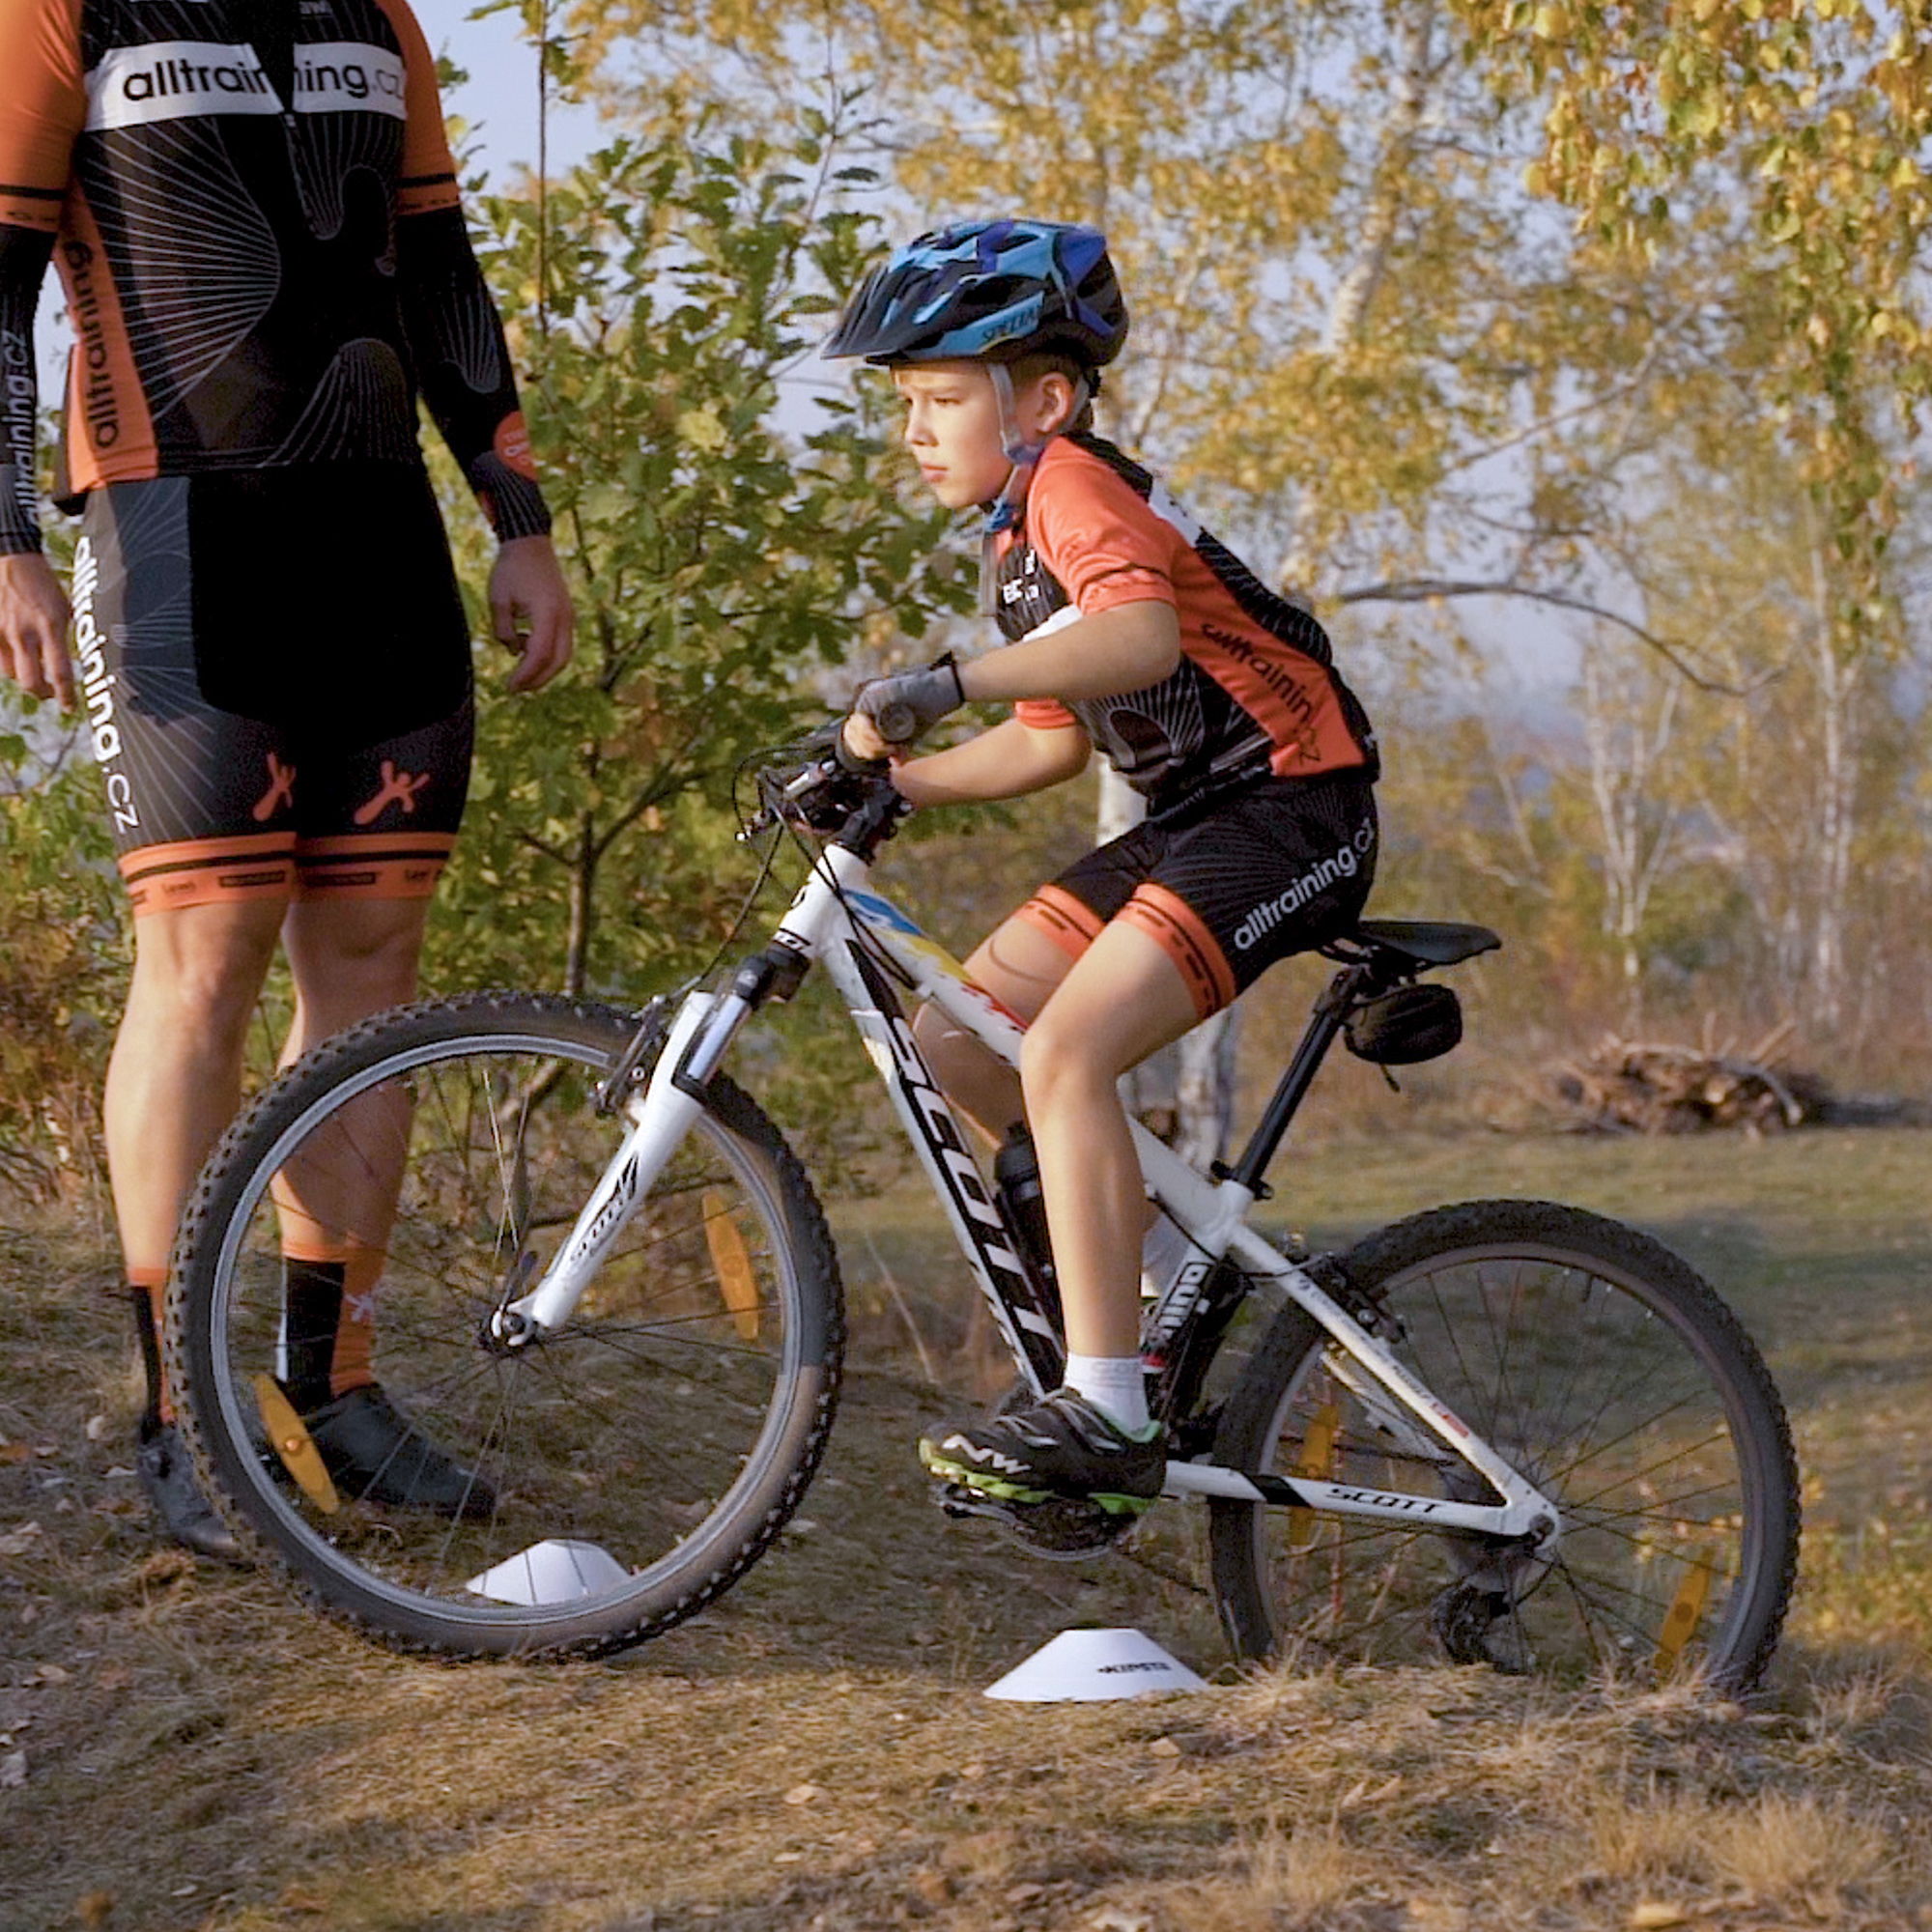 Obratnost a technické dovednosti cyklisty